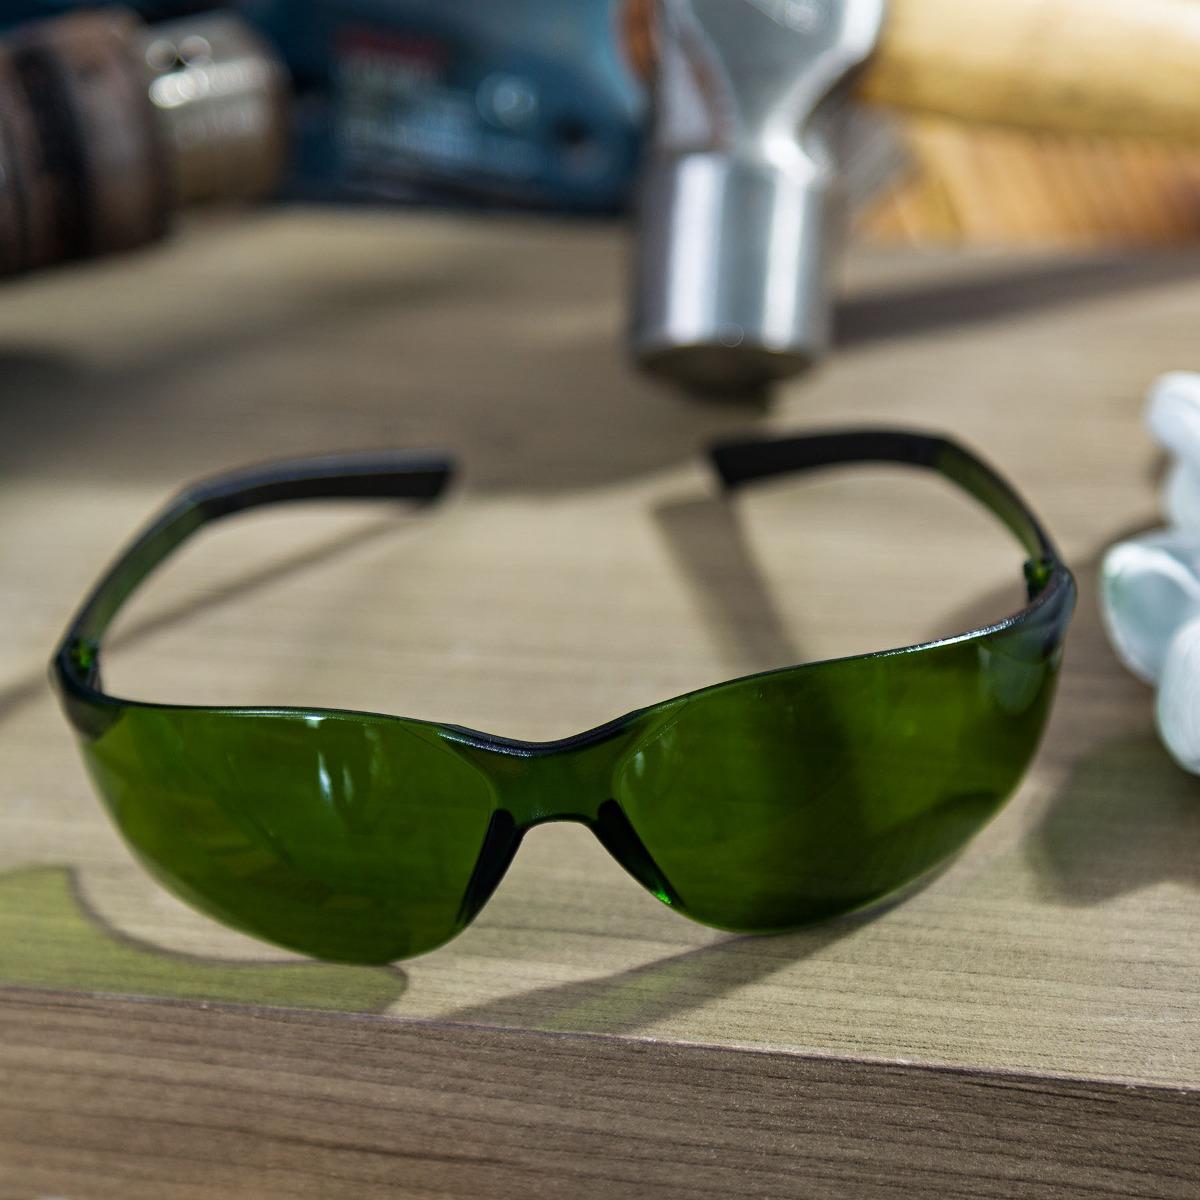 Óculos De Segurança 3m Vision 8000 Verde - R  14,50 em Mercado Livre b3991543db